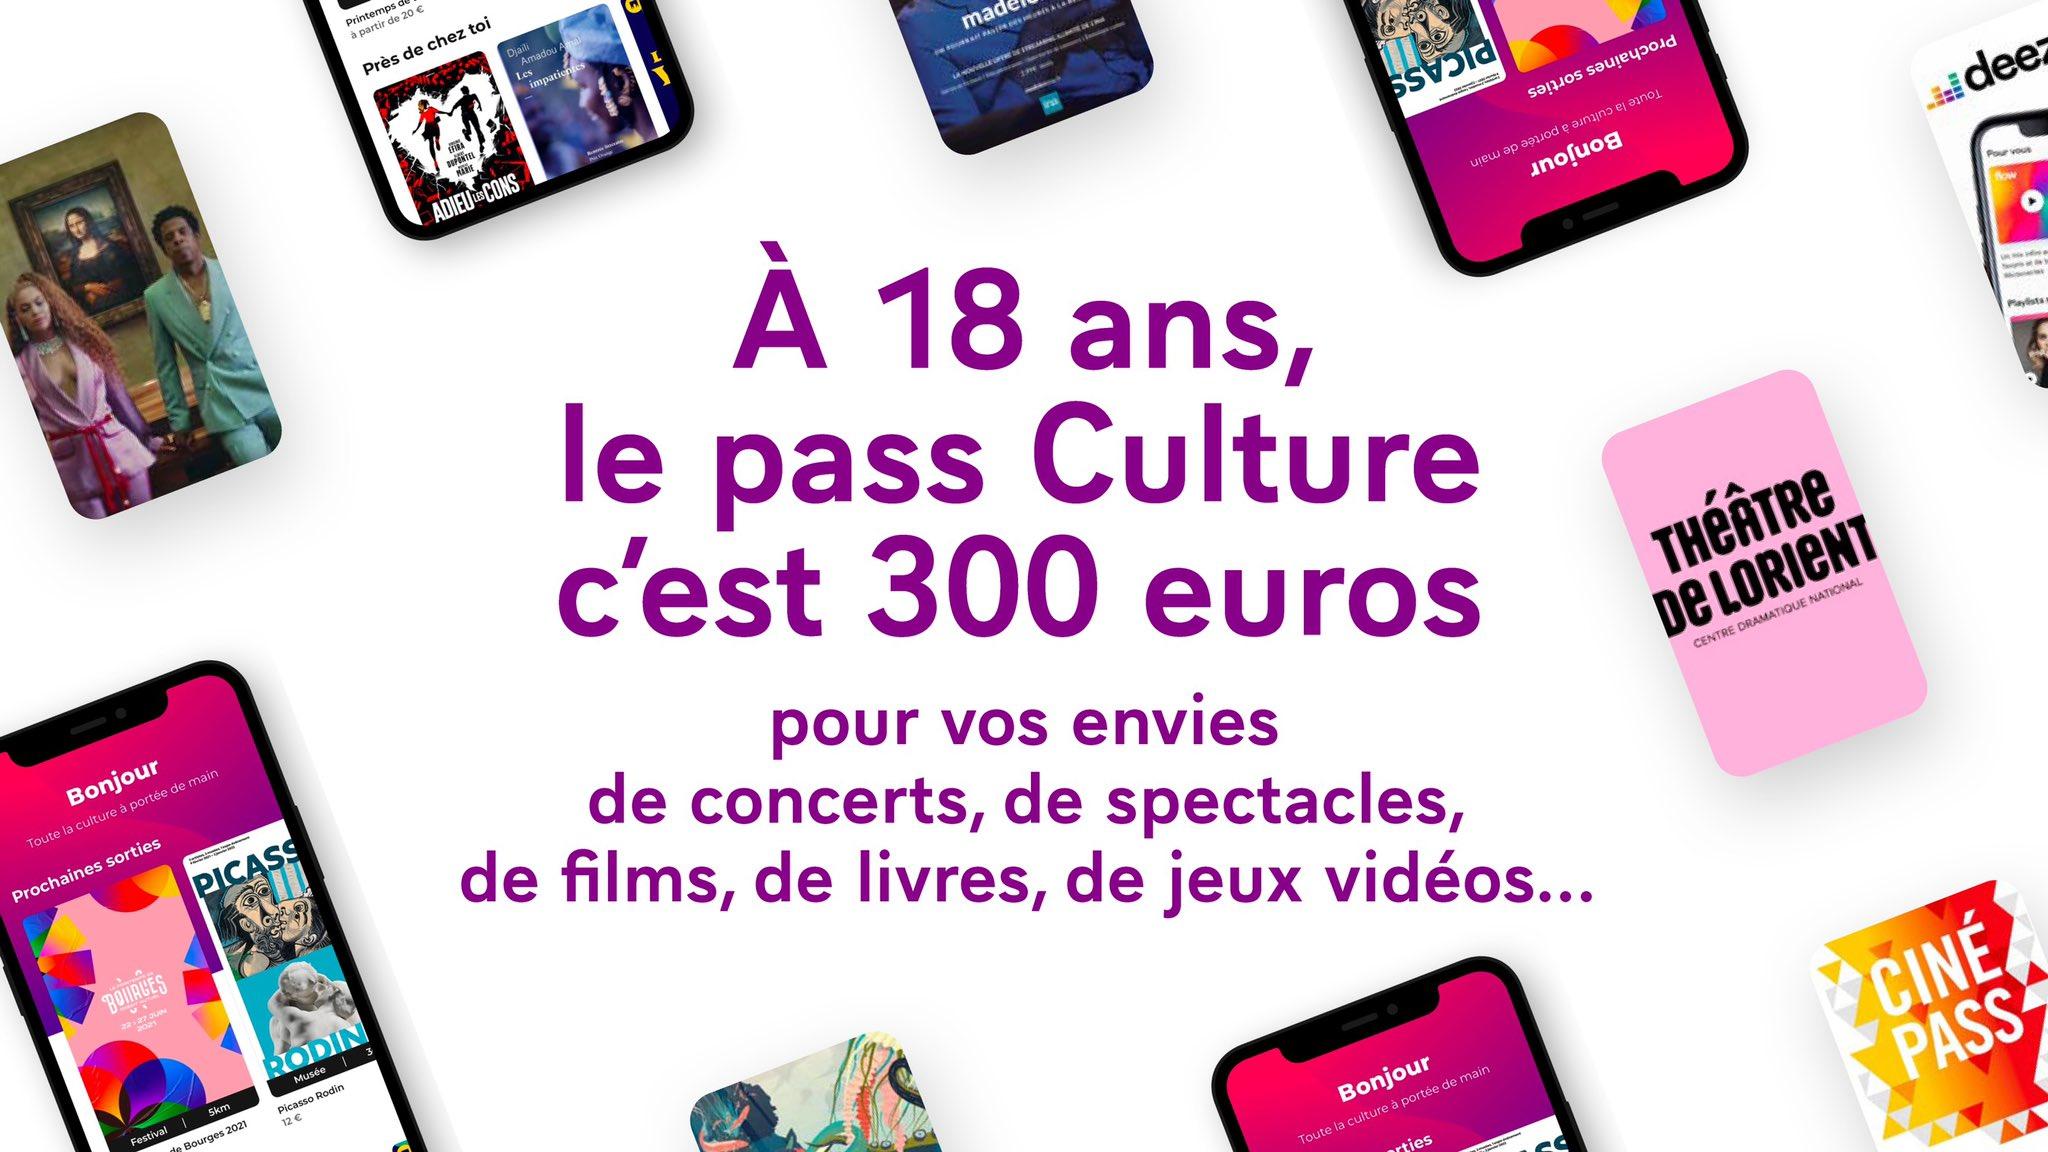 Le Pass Culture généralisé, une mesure sociale pour l'émancipation de tous !